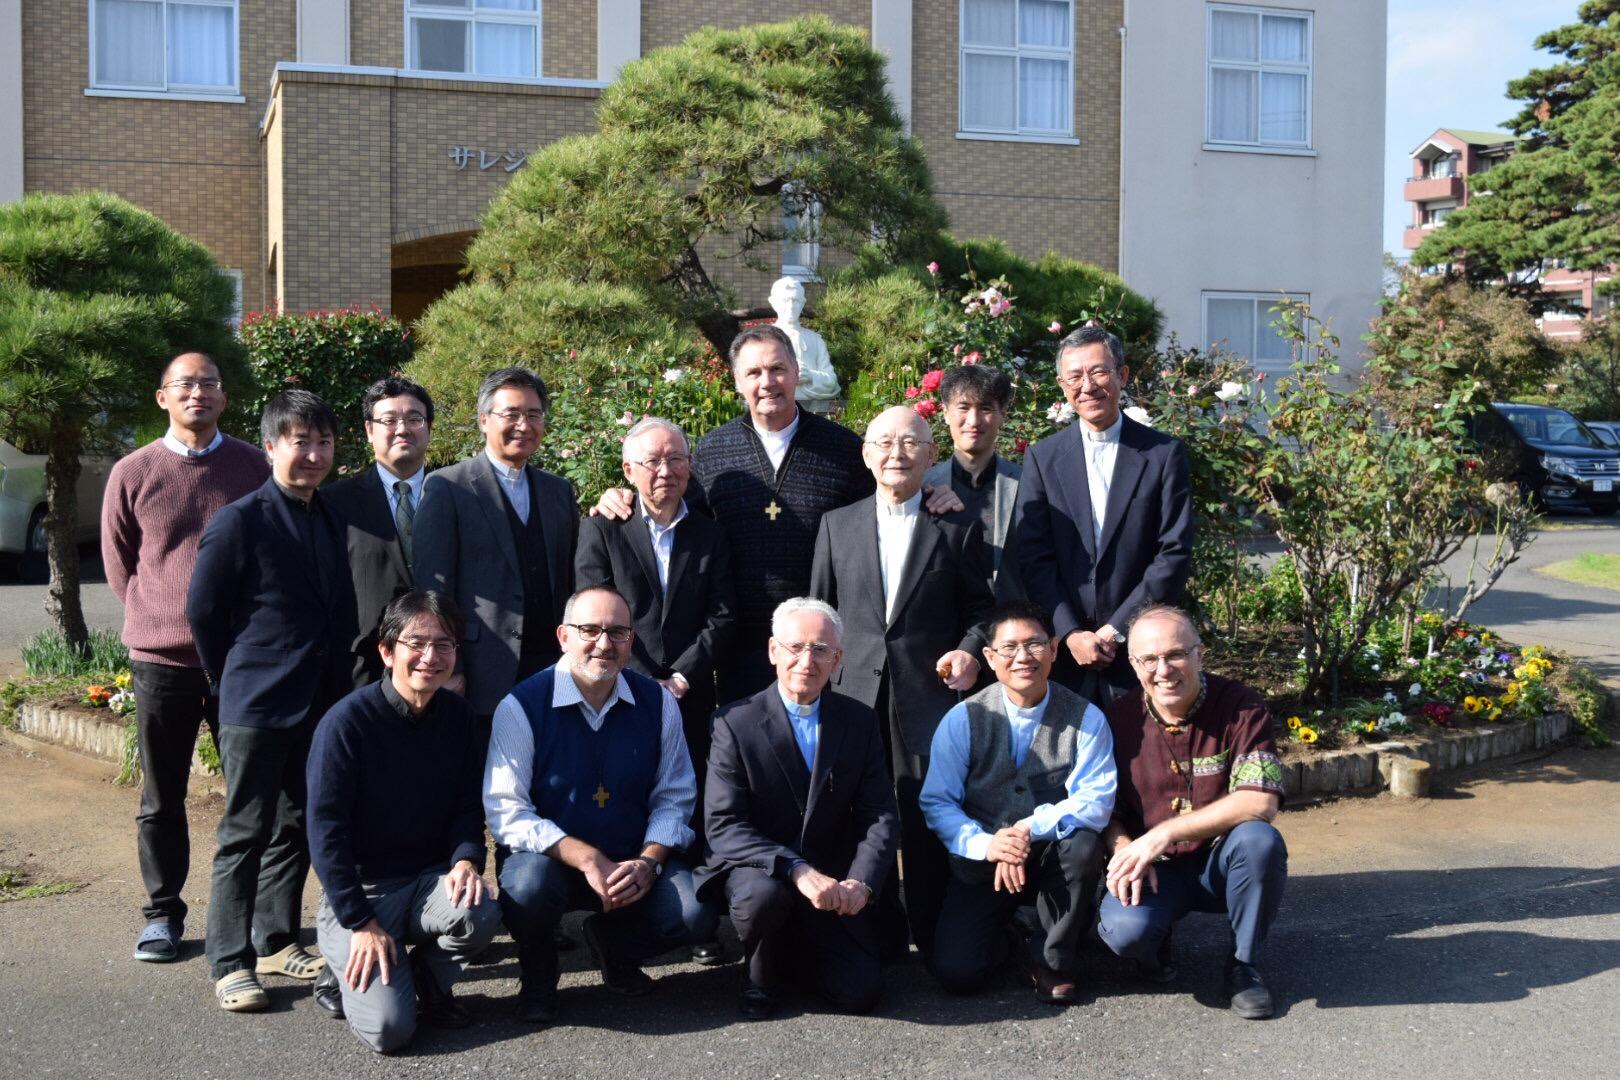 20181110_1_ProvincialCouncil_Chofu_Tokyo_JPN_00005